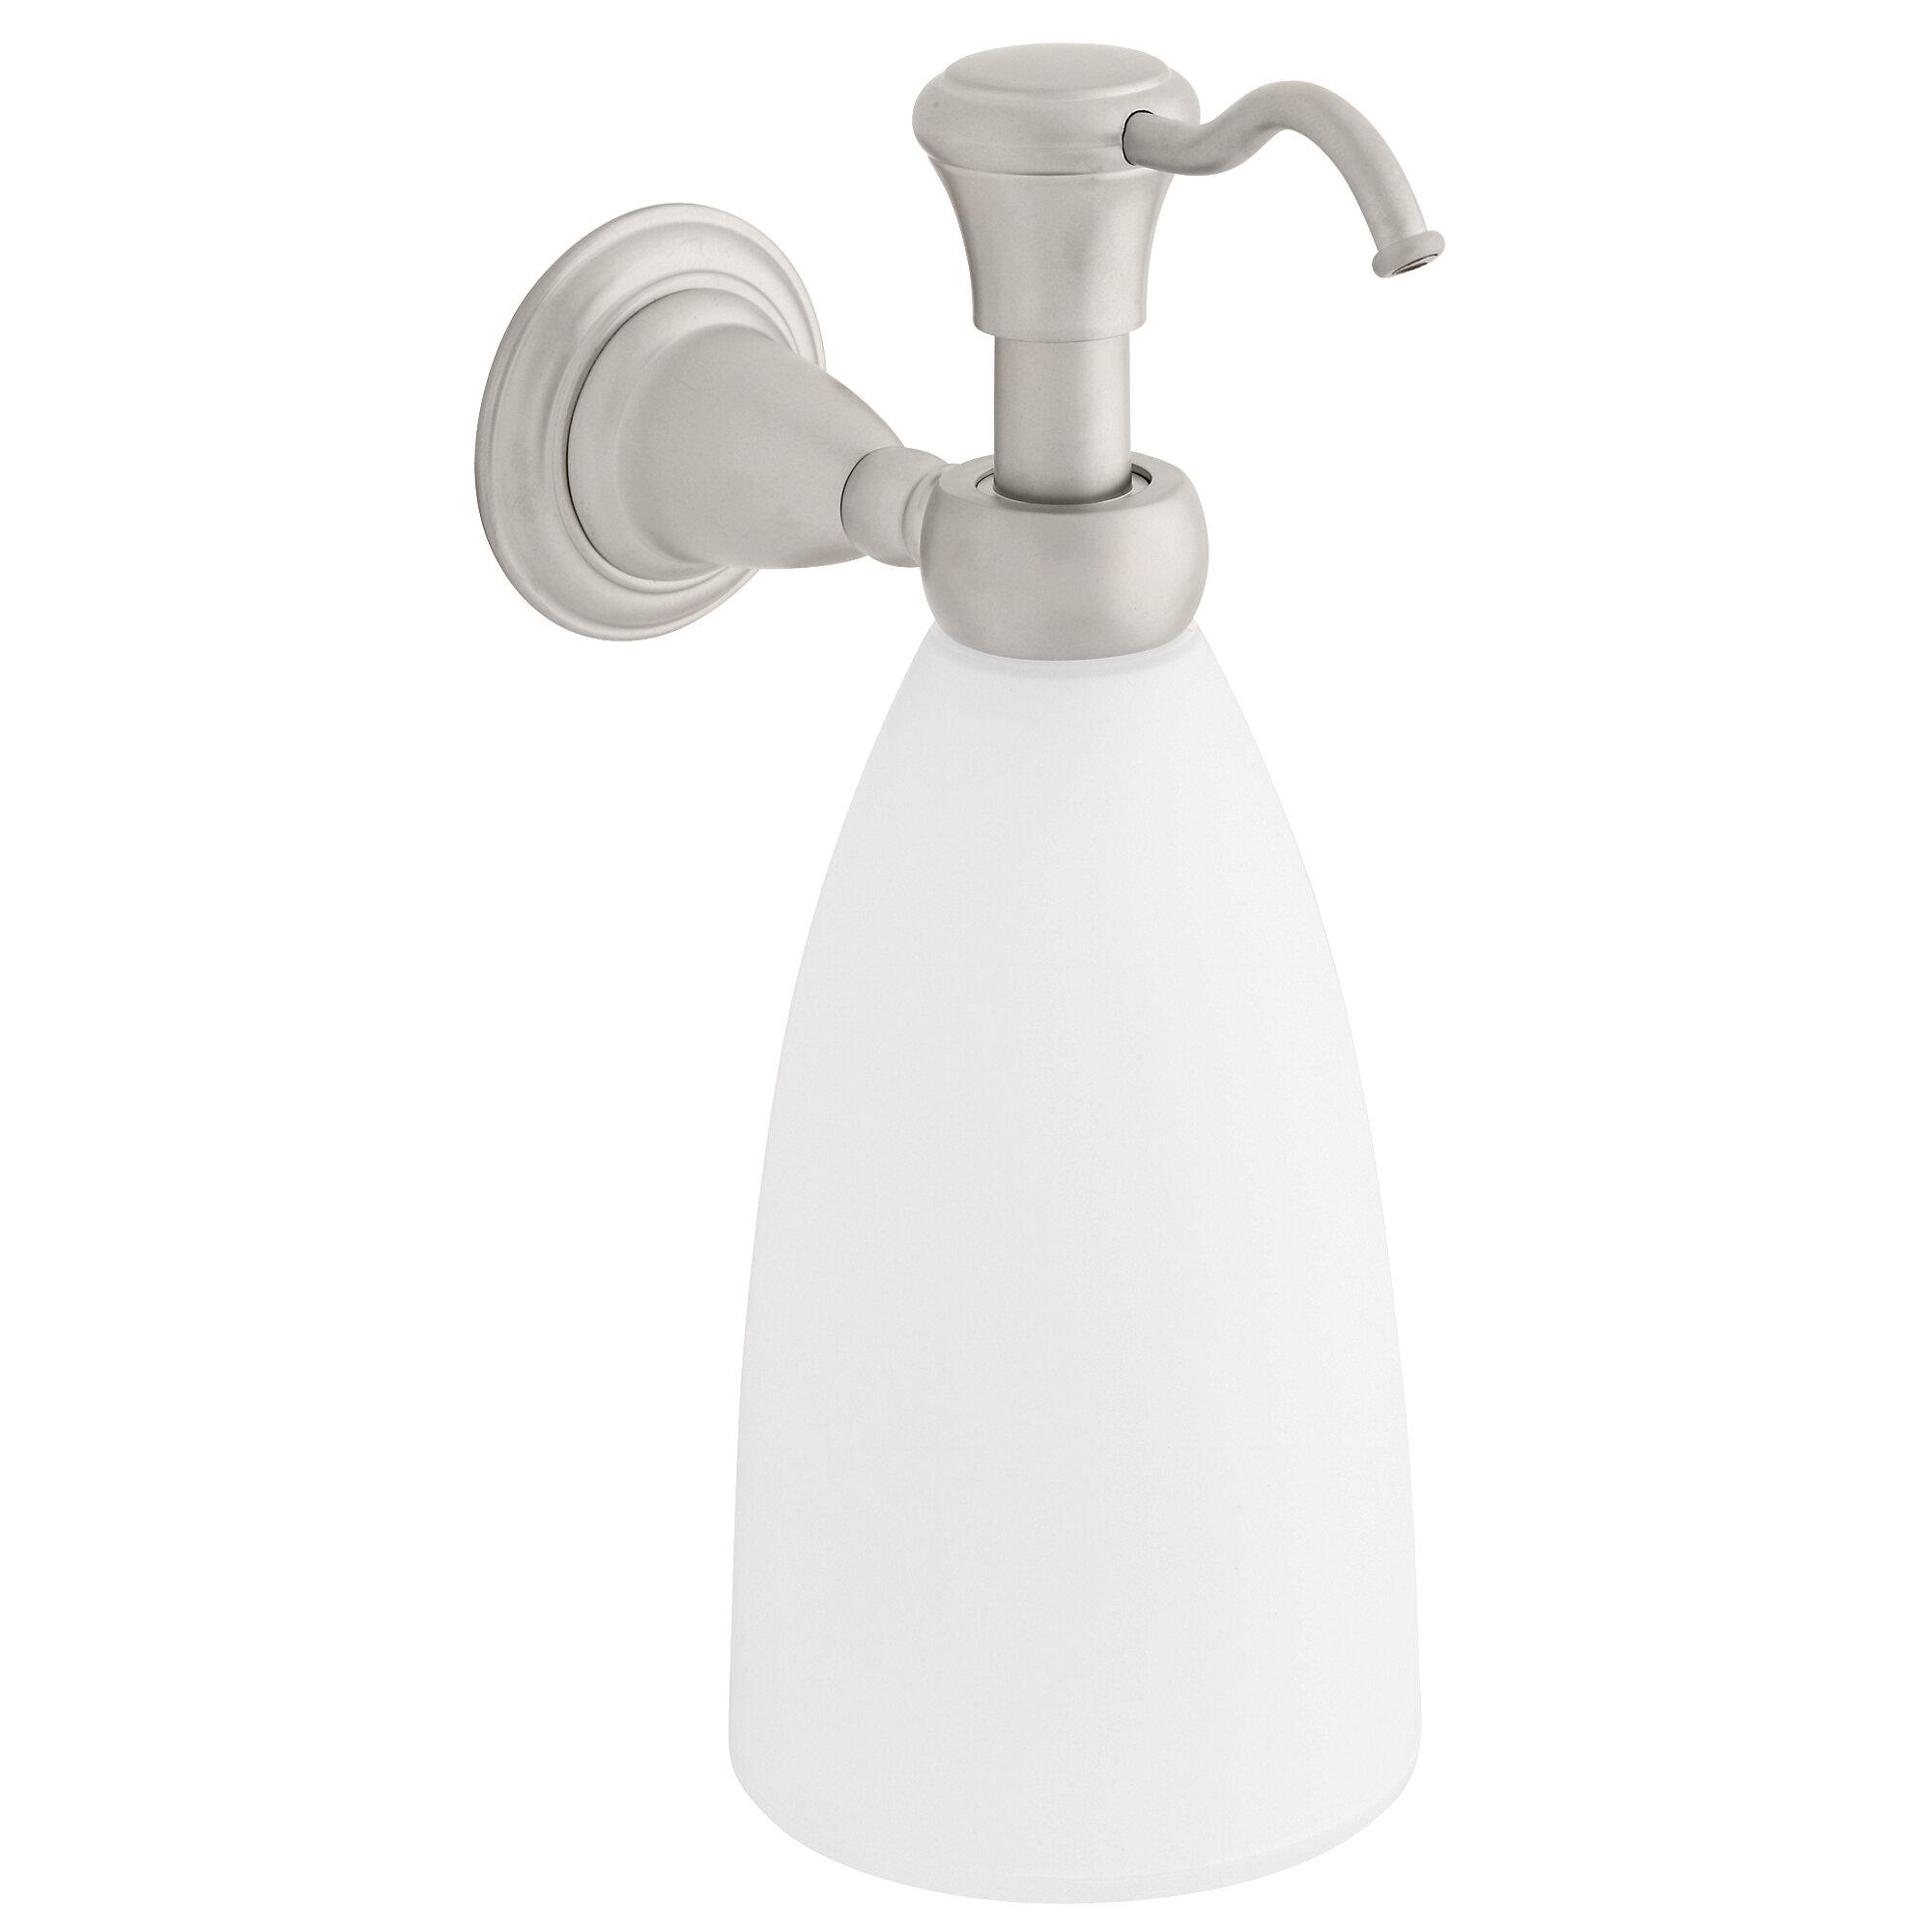 75055 Rb Cz Delta Victorian Soap Dispenser Reviews